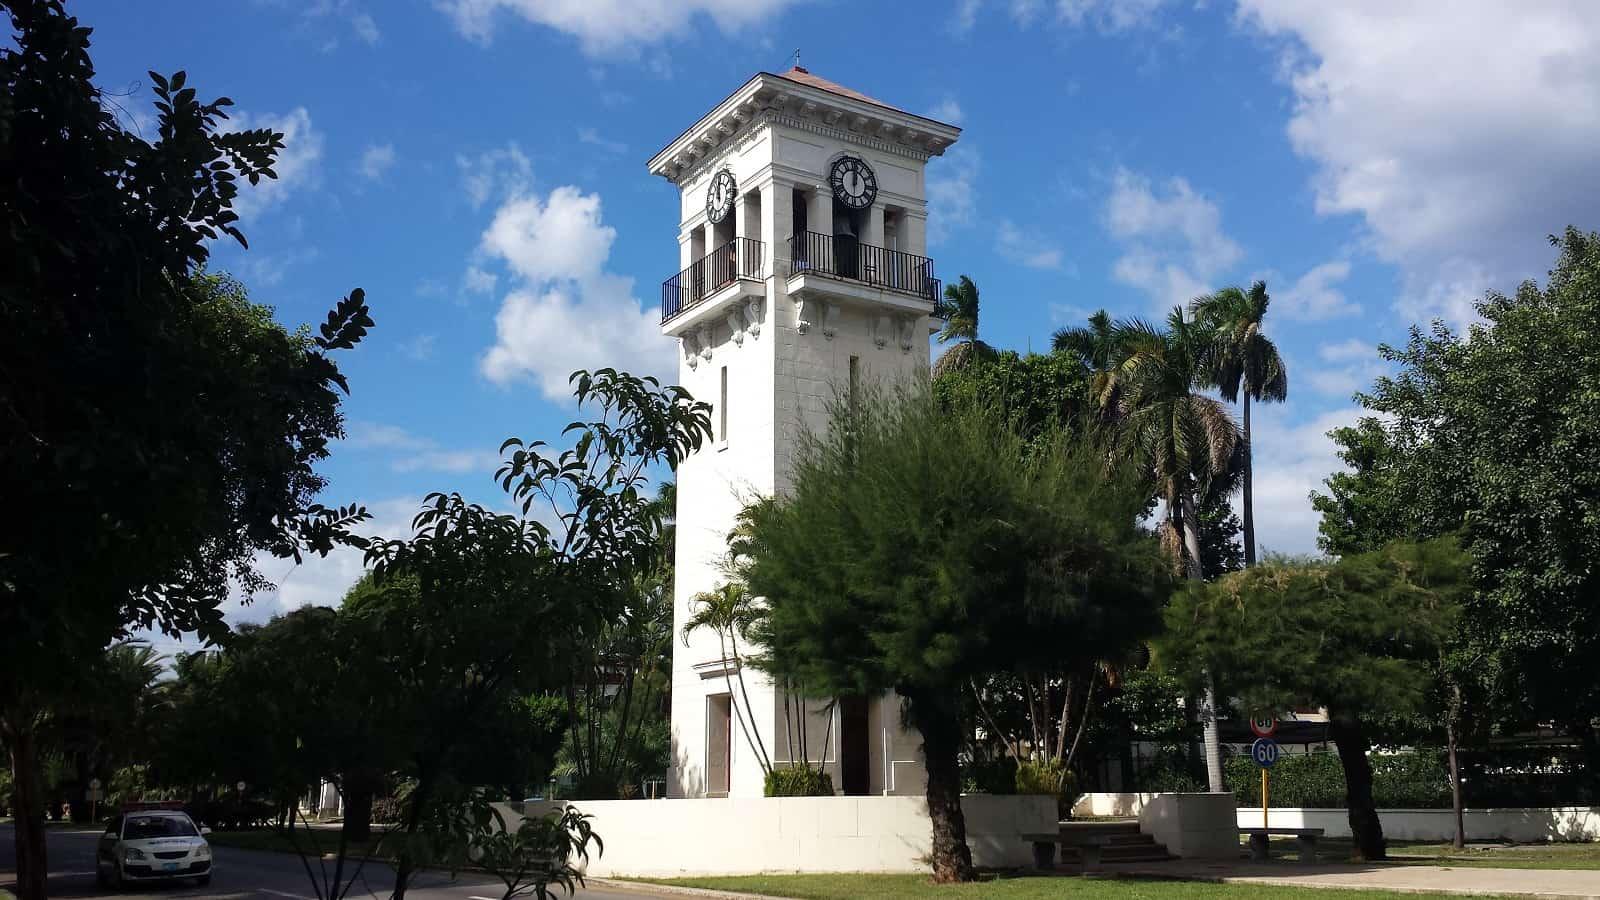 ¿Sabías que el reloj de la Quinta Avenida de Miramar, en La Habana, es una réplica del Big Ben de Londres?